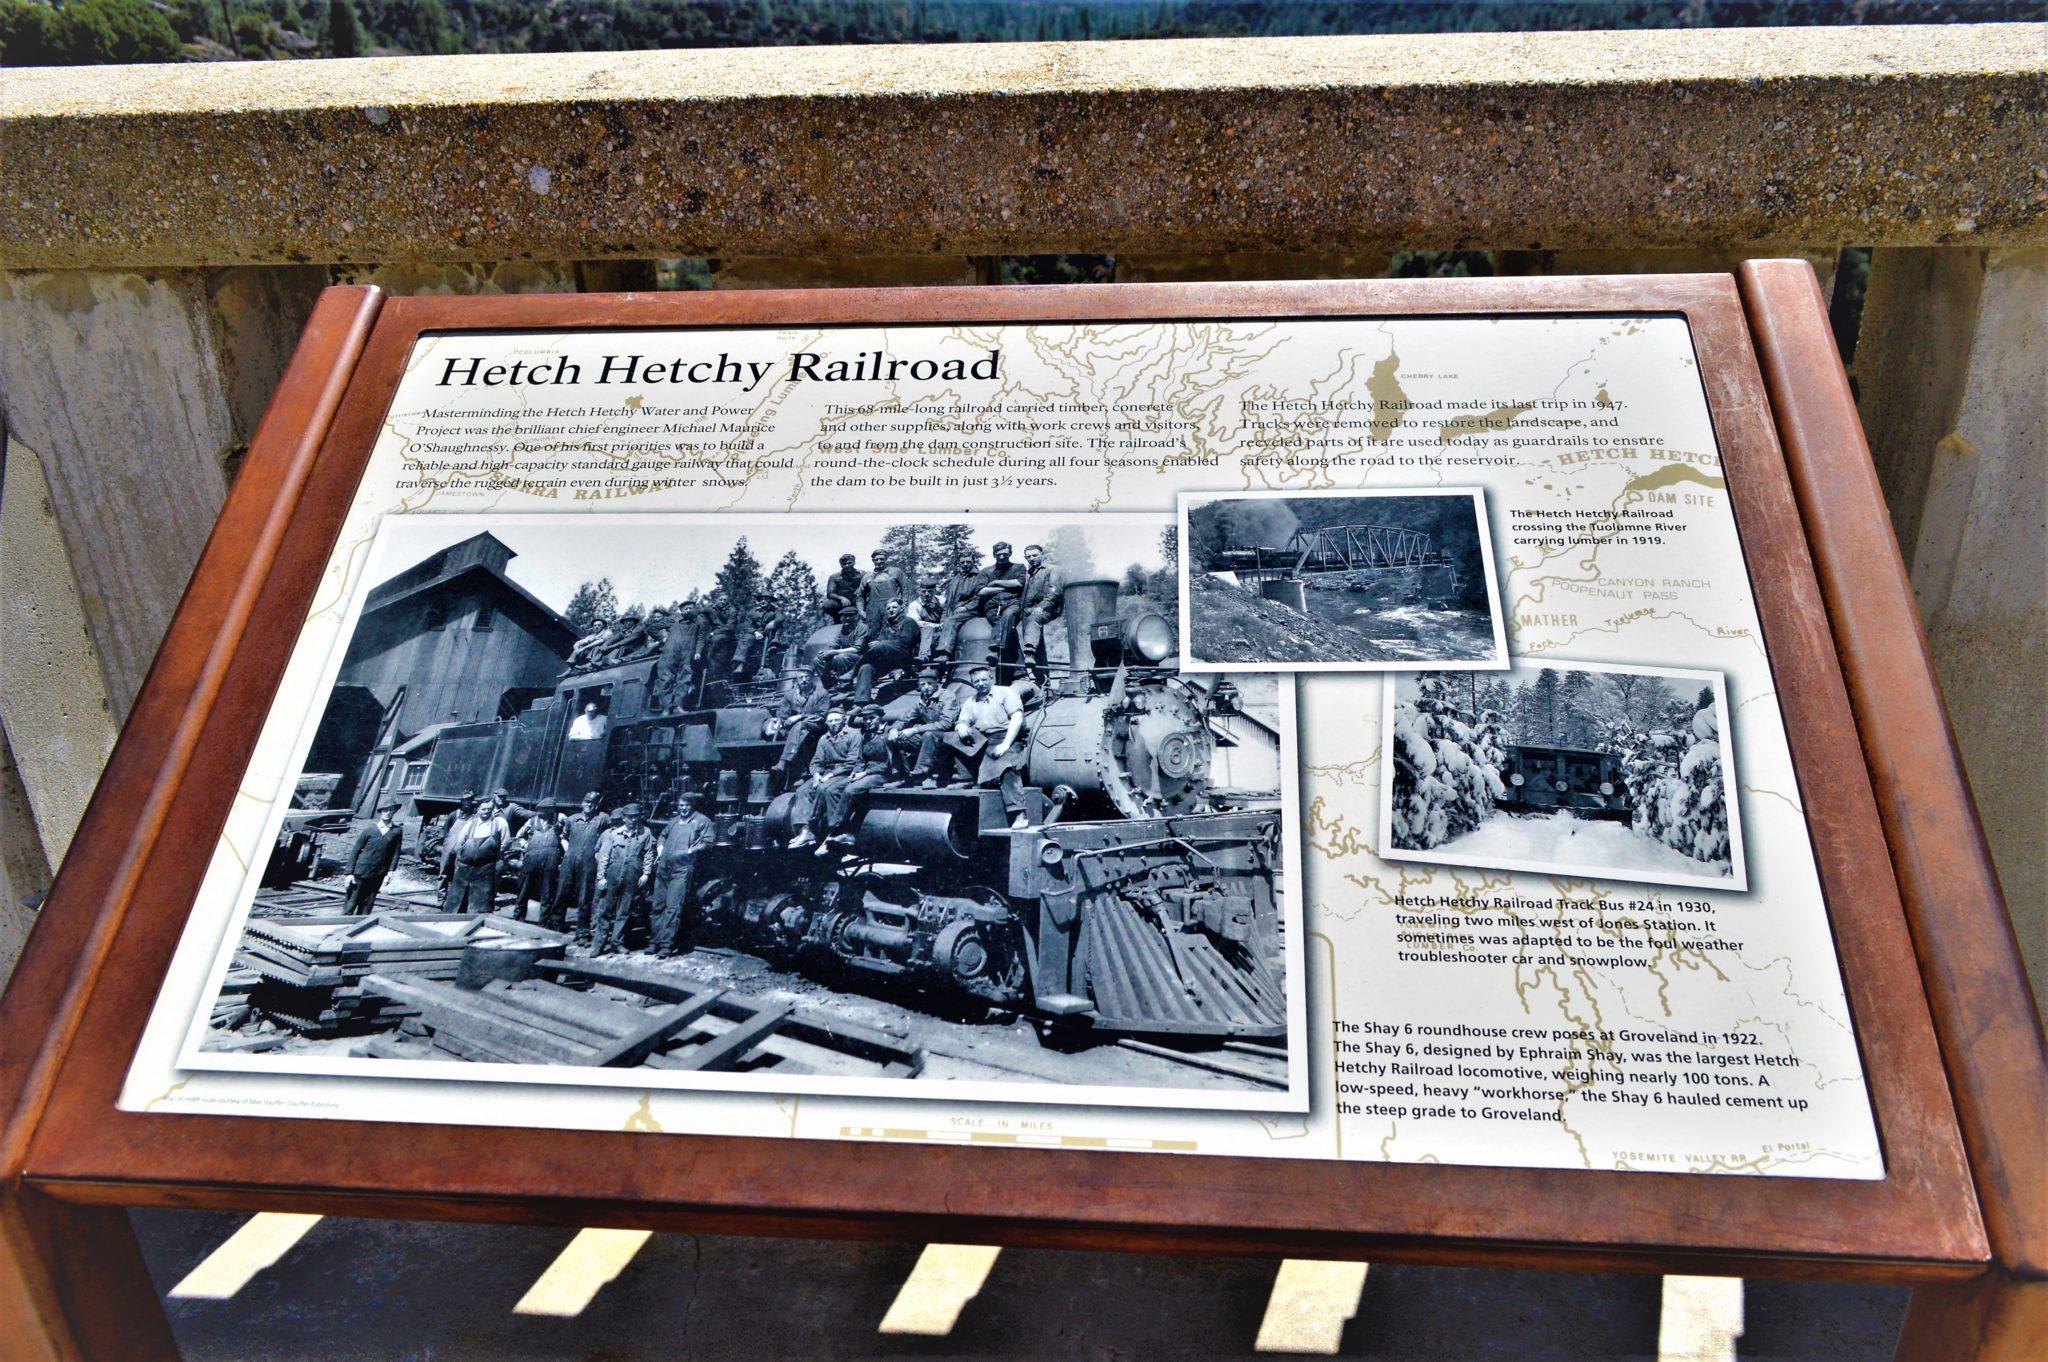 Hetch Hetchy railroad information board, California